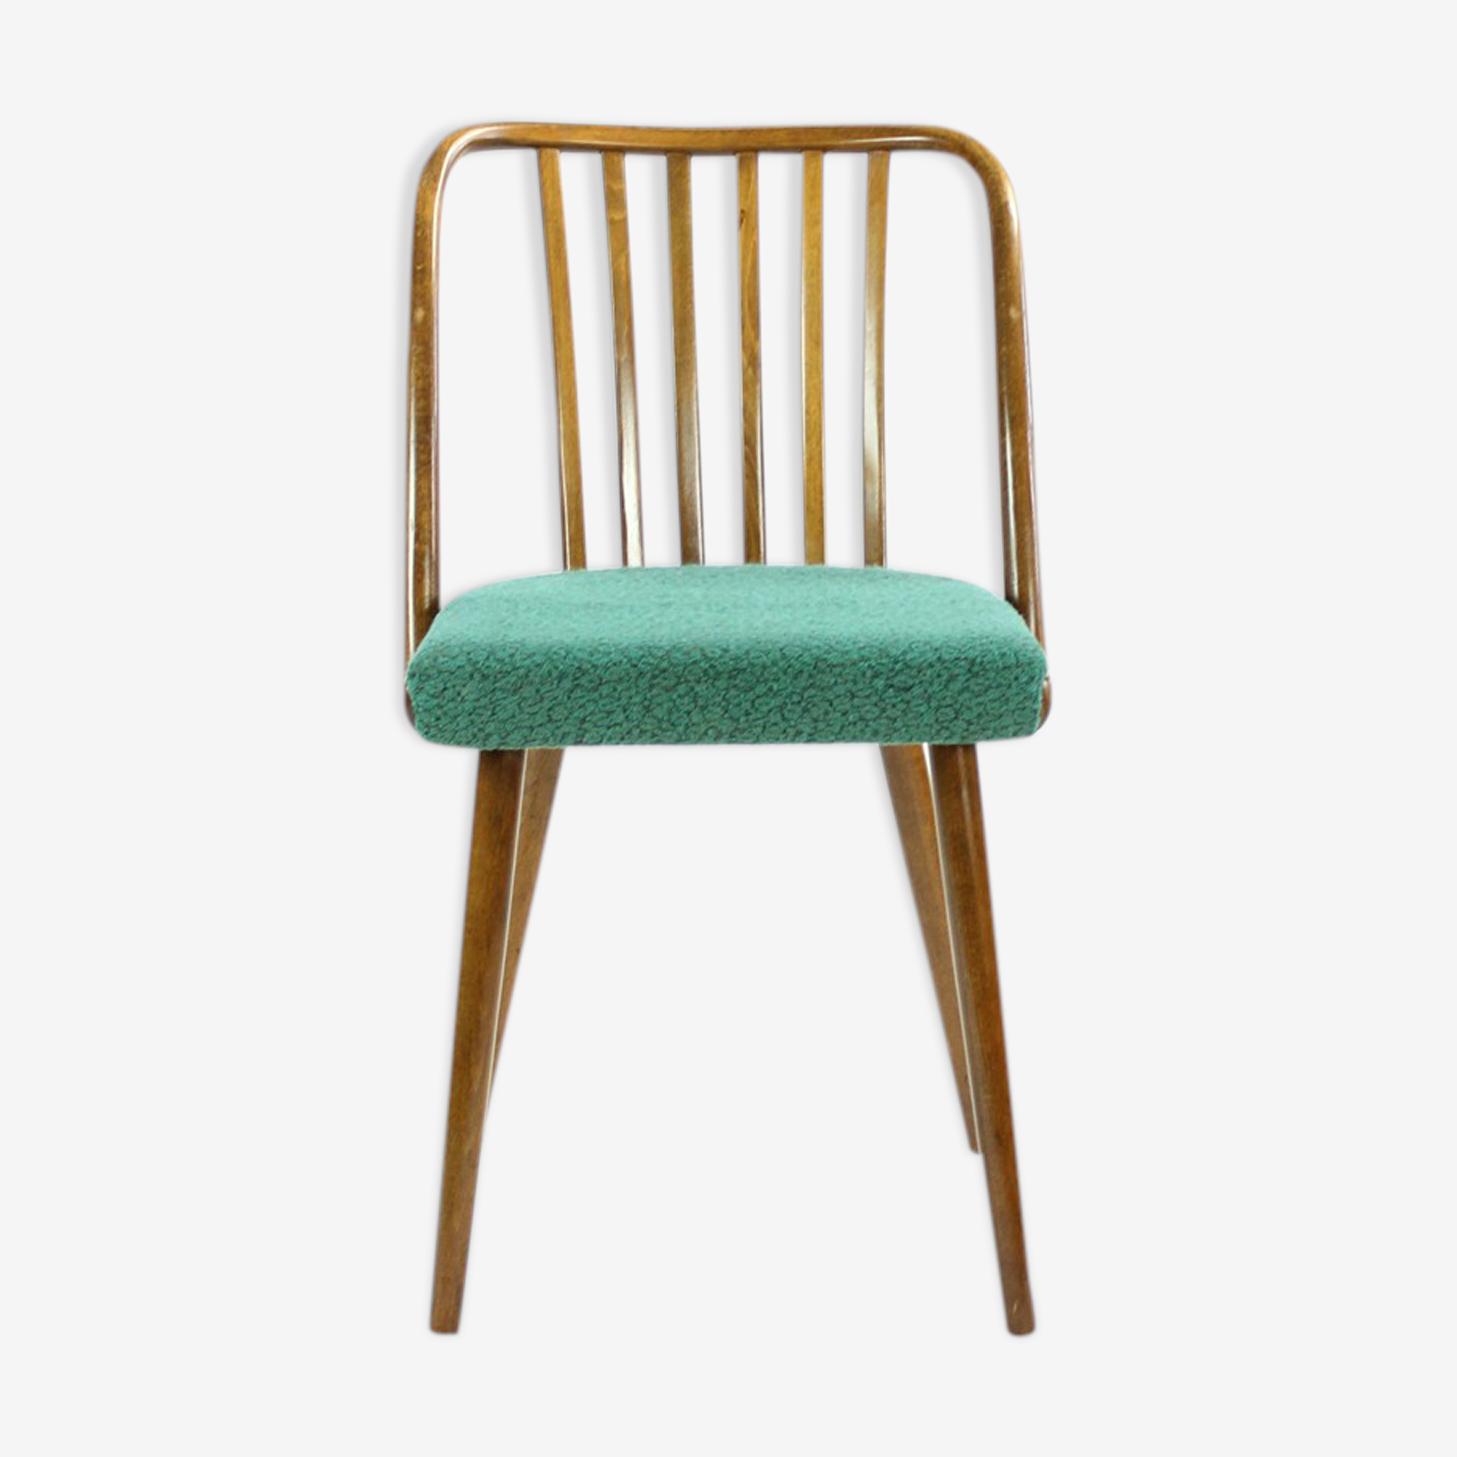 Chaise design Antonin Suman pour Ton (Thonet)